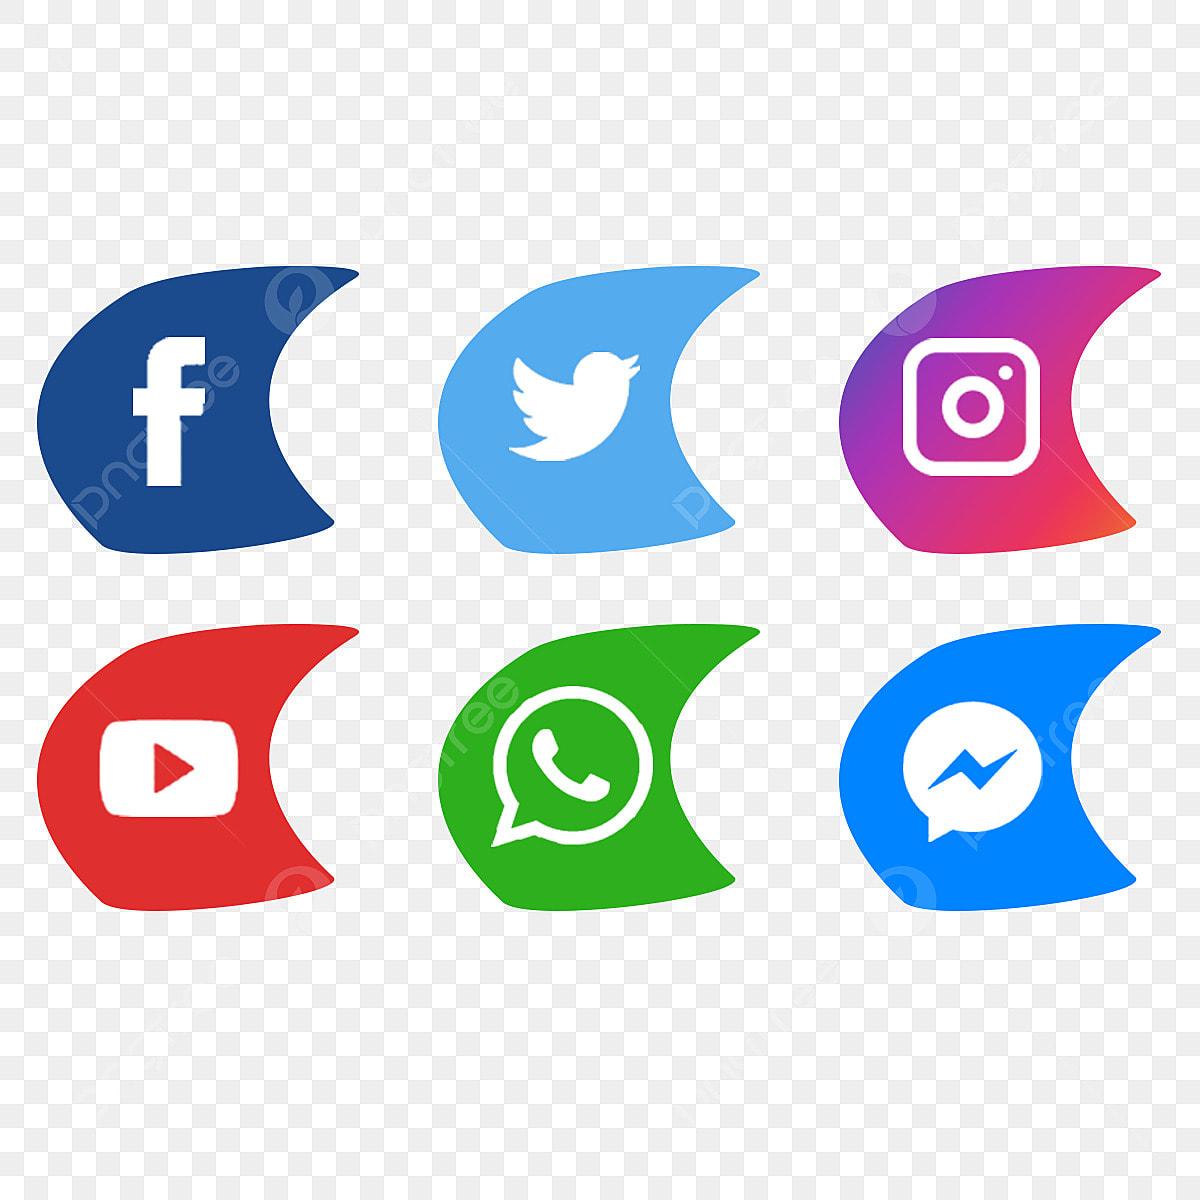 أيقونات أيقونات موقع التواصل الاجتماعي الفيسبوك تويتر Png وملف Psd للتحميل مجانا